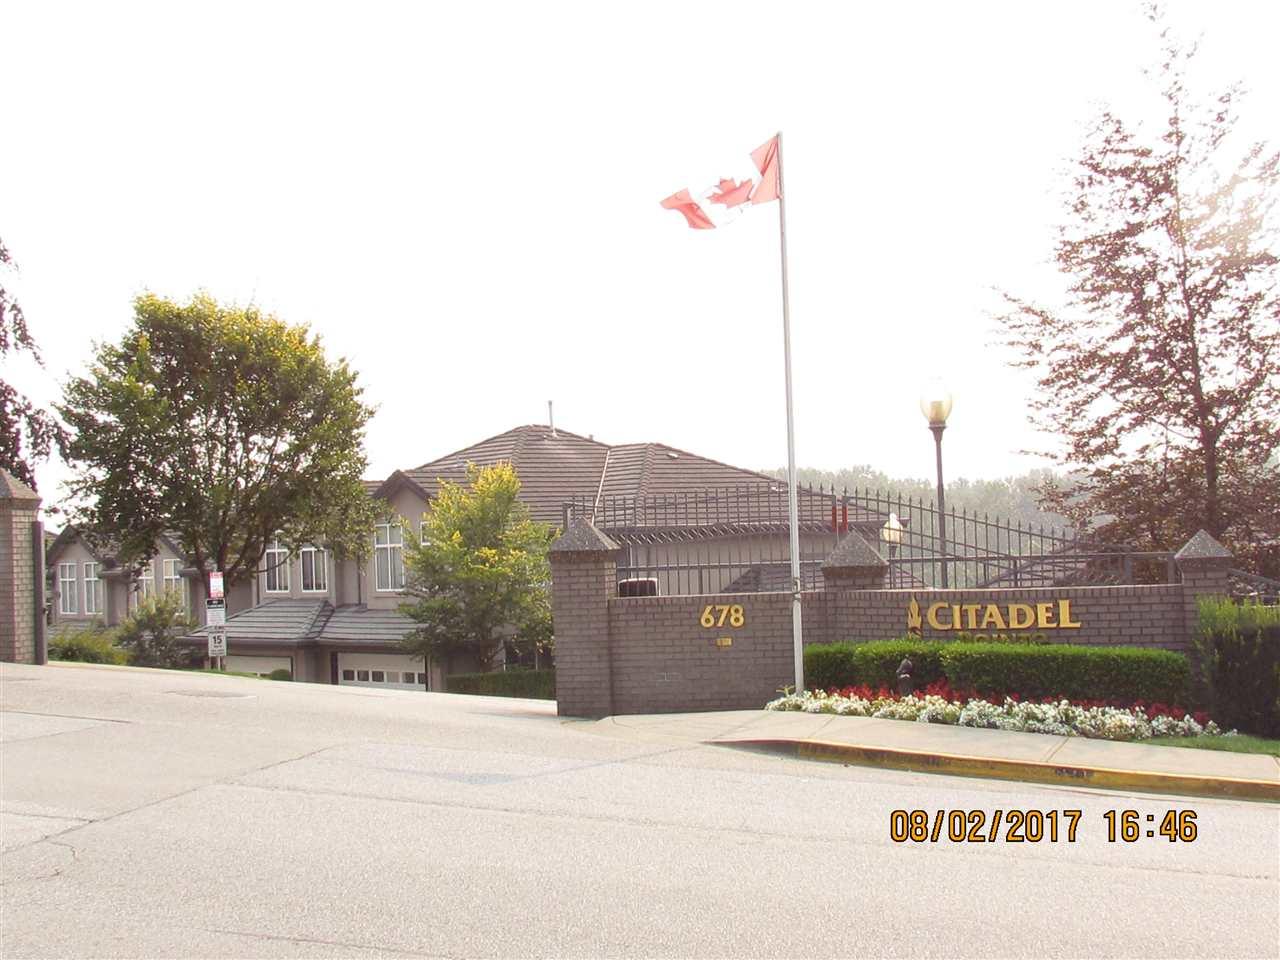 101 678 CITADEL DRIVE, Port Coquitlam, BC, V3C 6M7 Photo 1